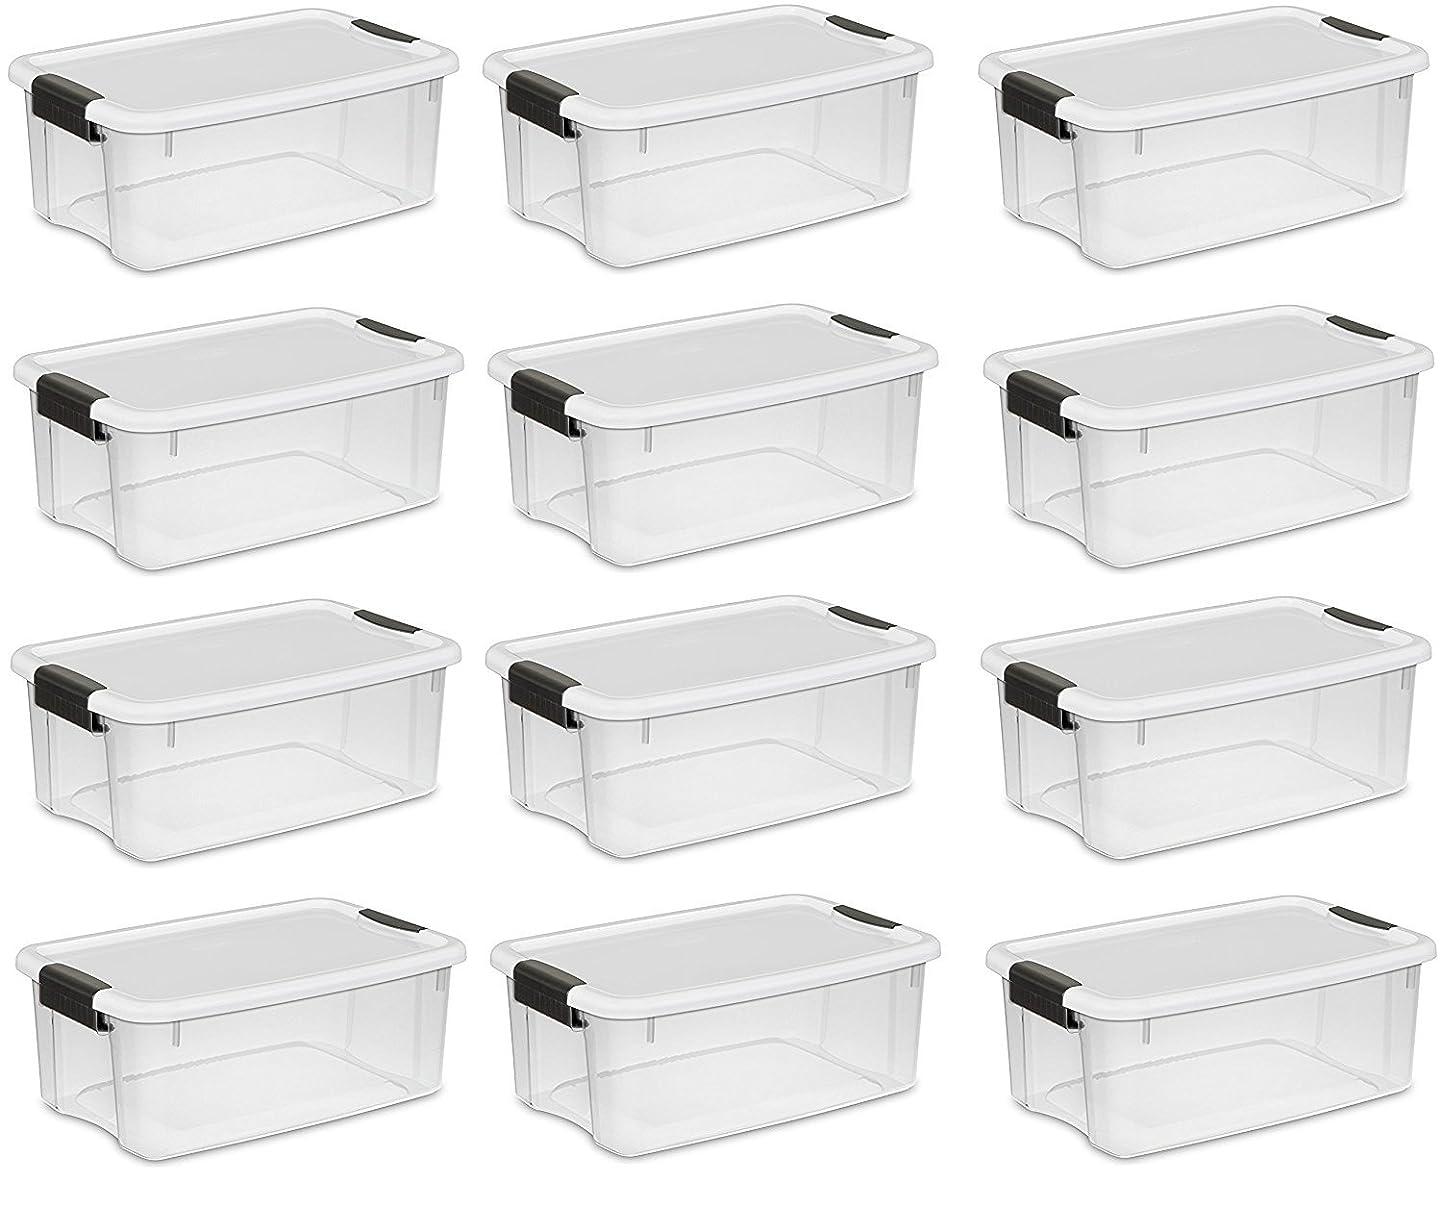 概して増幅器派生するSterilite 30?Quart / 28リットルUltraラッチボックス、クリアwith aホワイト蓋、ブラックラッチ、12-boxes 30 Quart. 12-Boxes